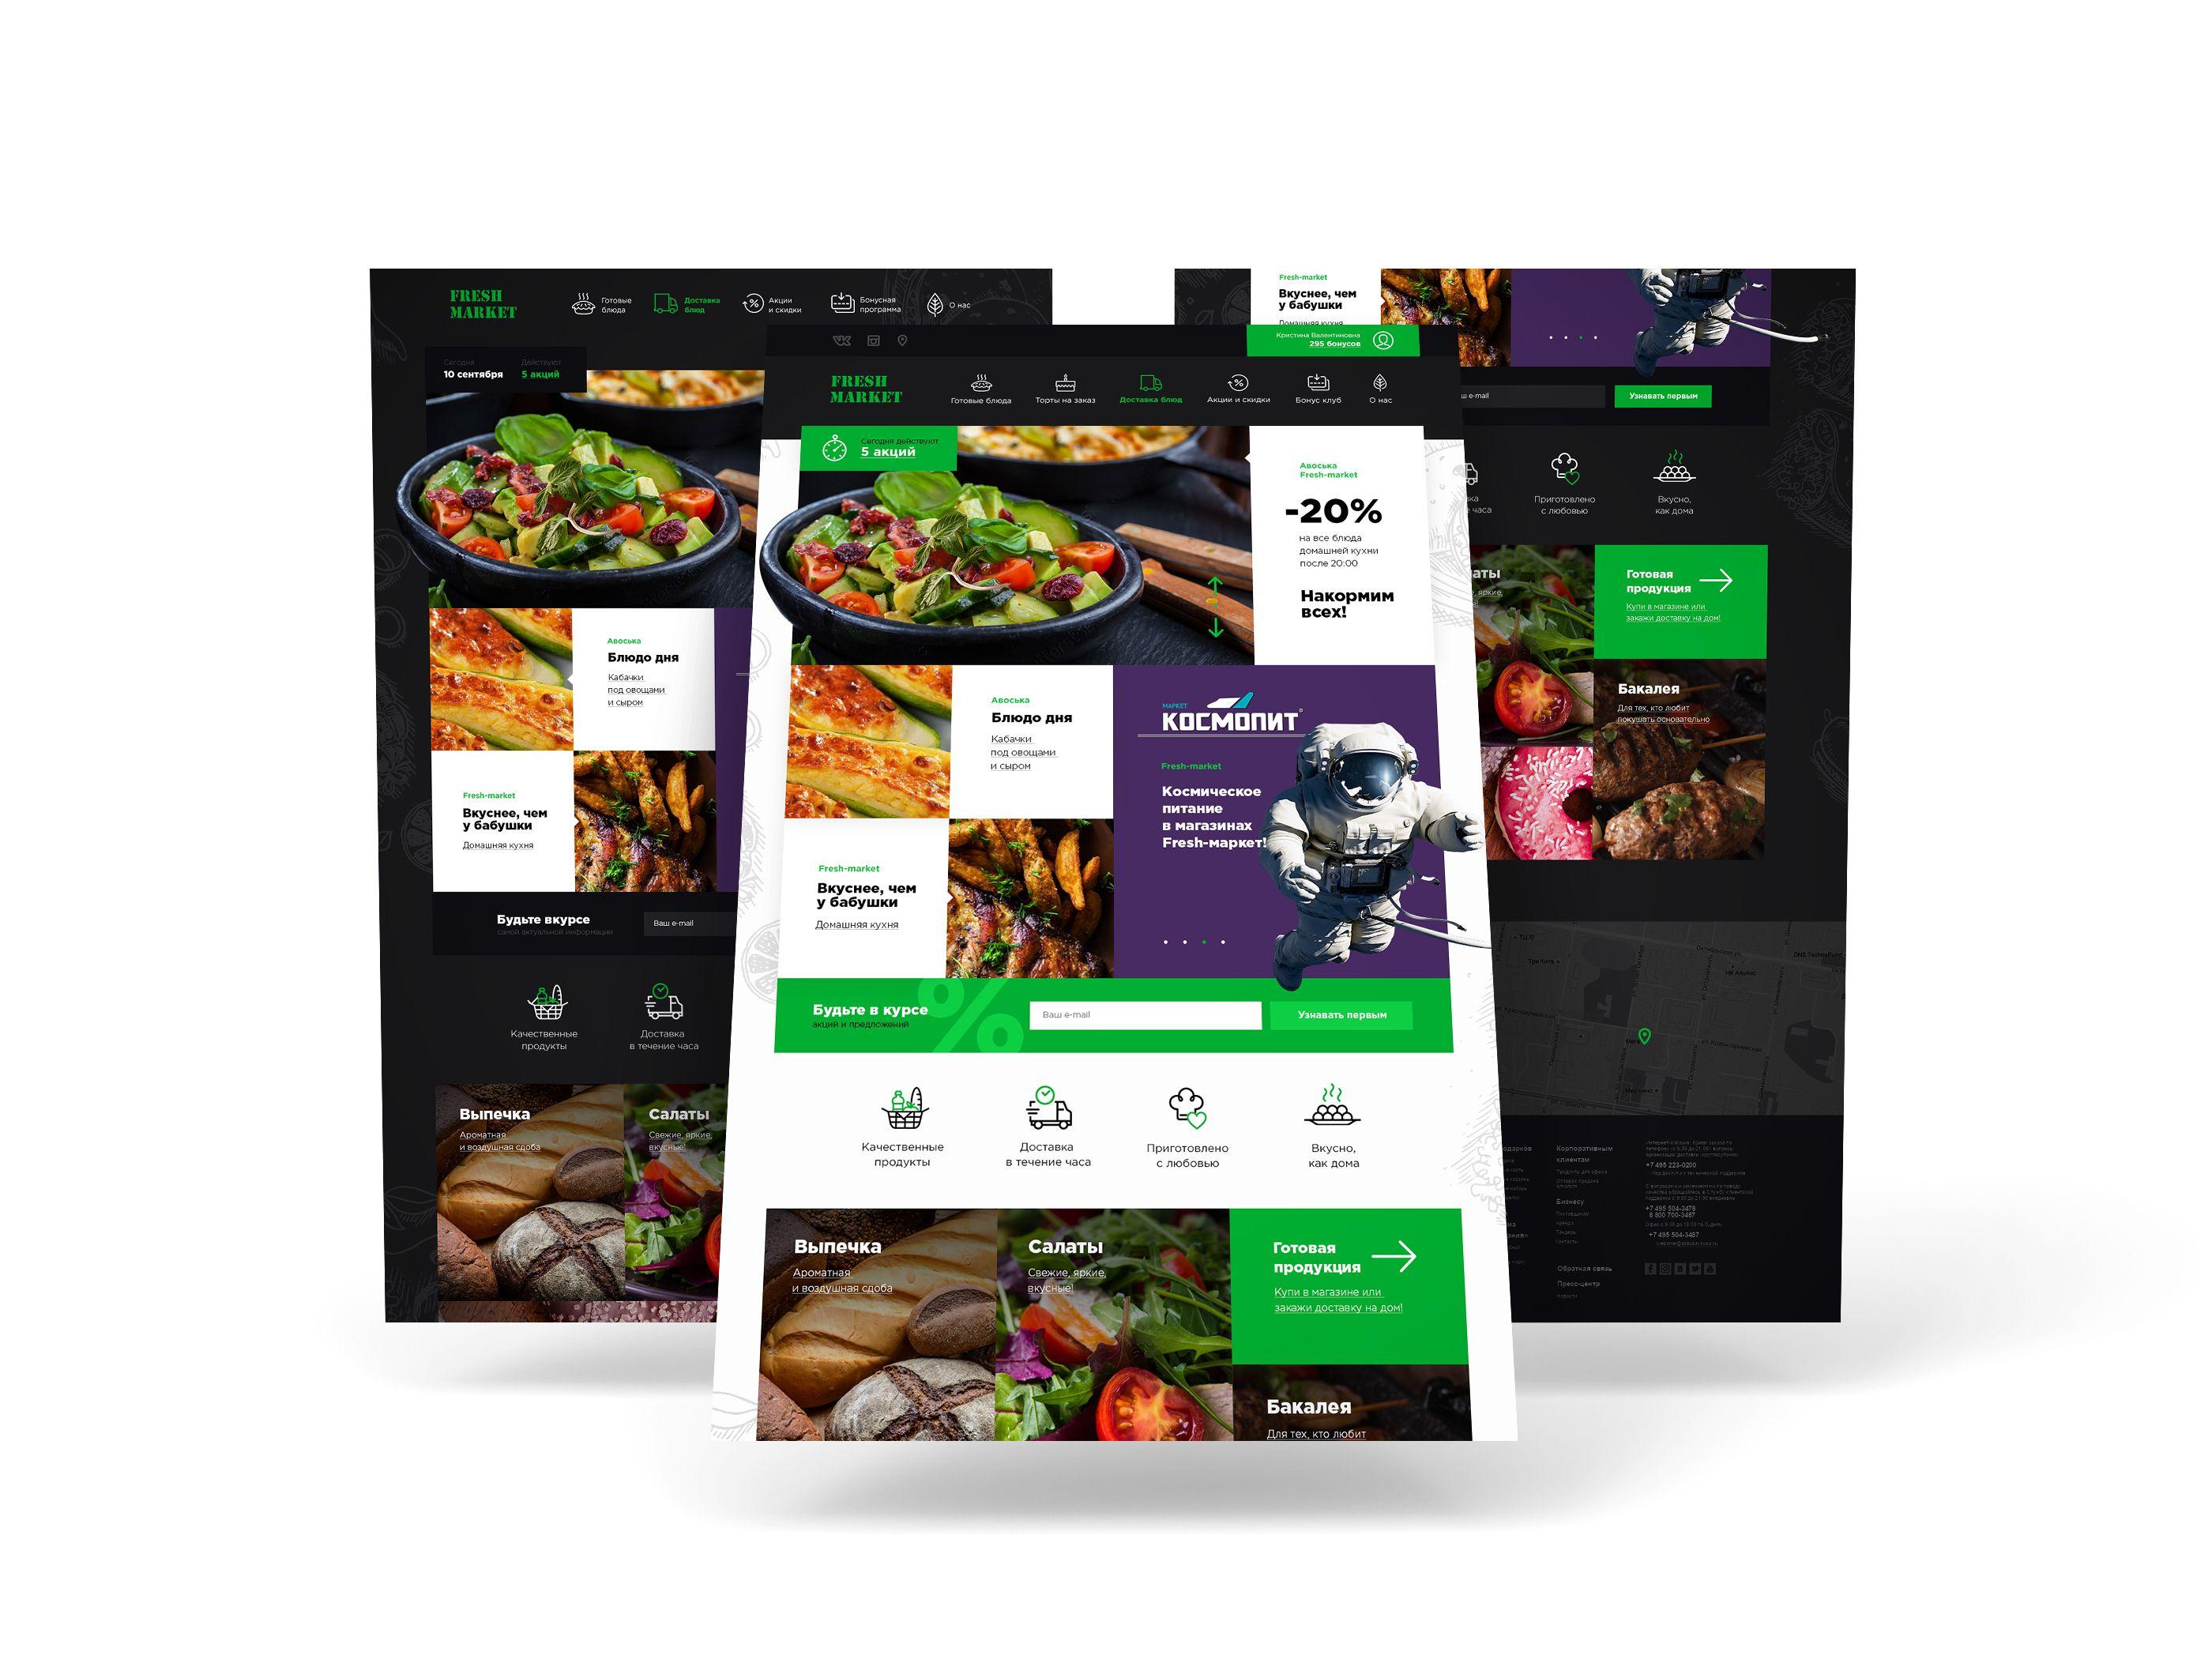 Consultez ce projet @Behance: \u201cFreshmarket\u201d https://www.behance.net/gallery/45300061/Freshmarket